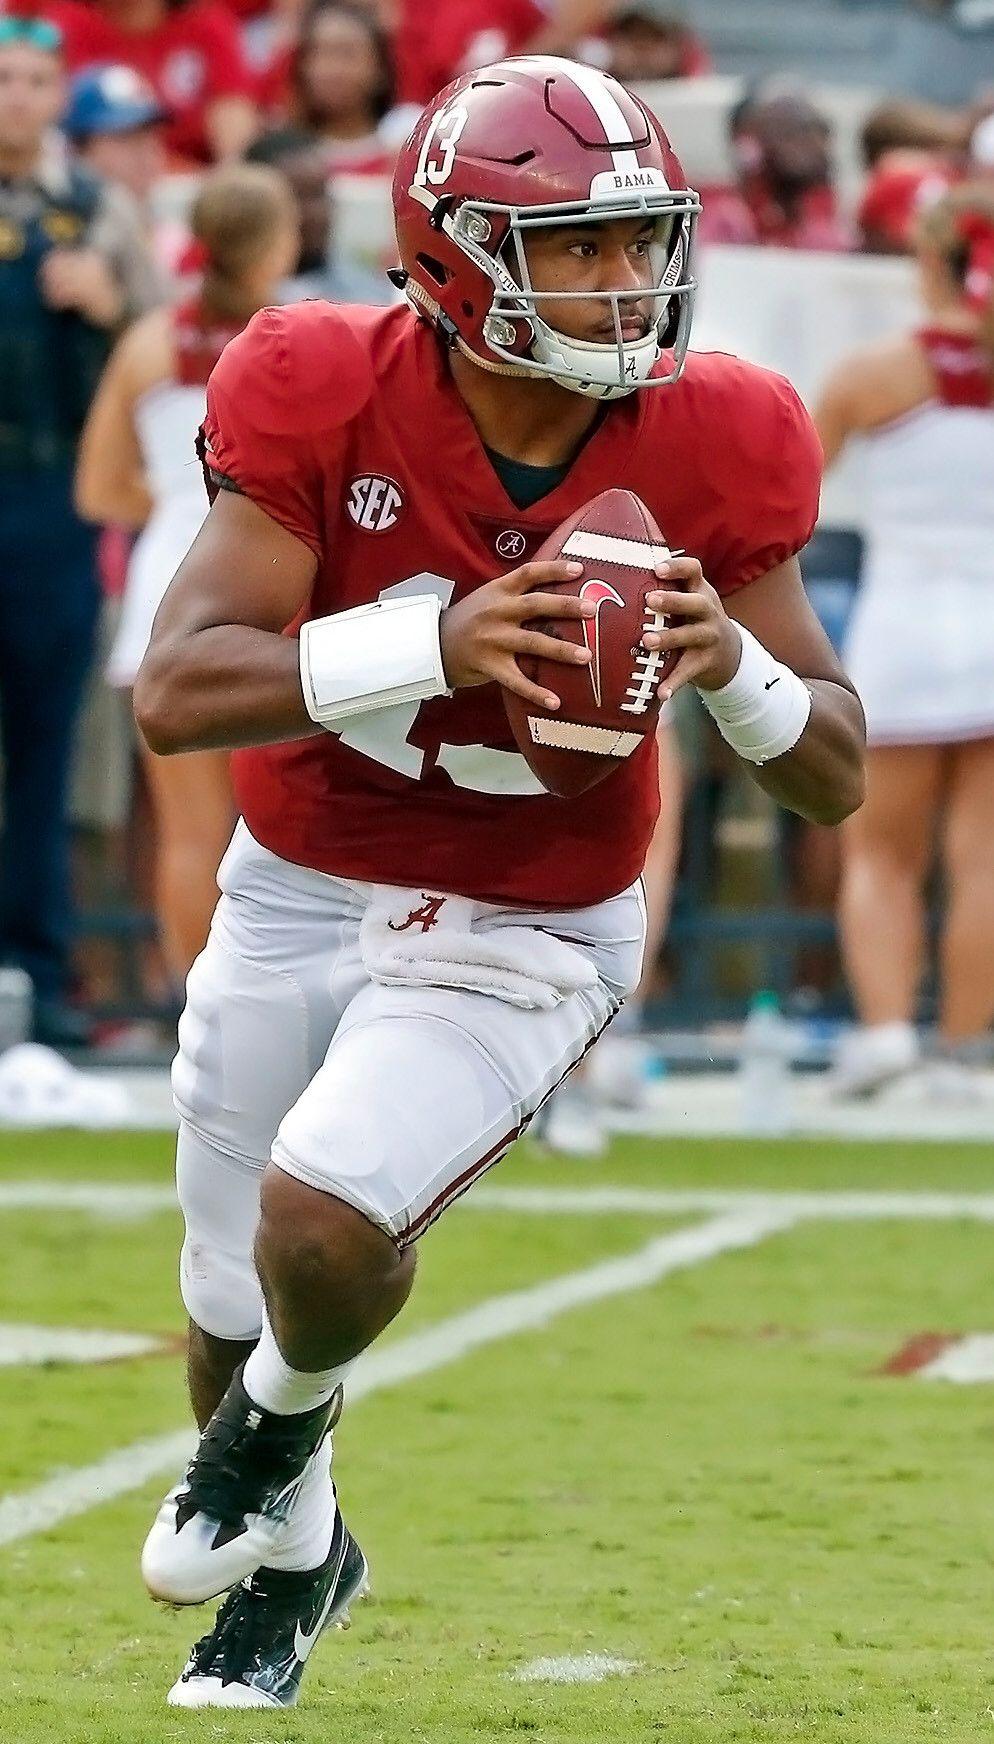 Tua Tagovailoa Alabama Crimson Tide Football Crimson Tide Football Alabama Football Team